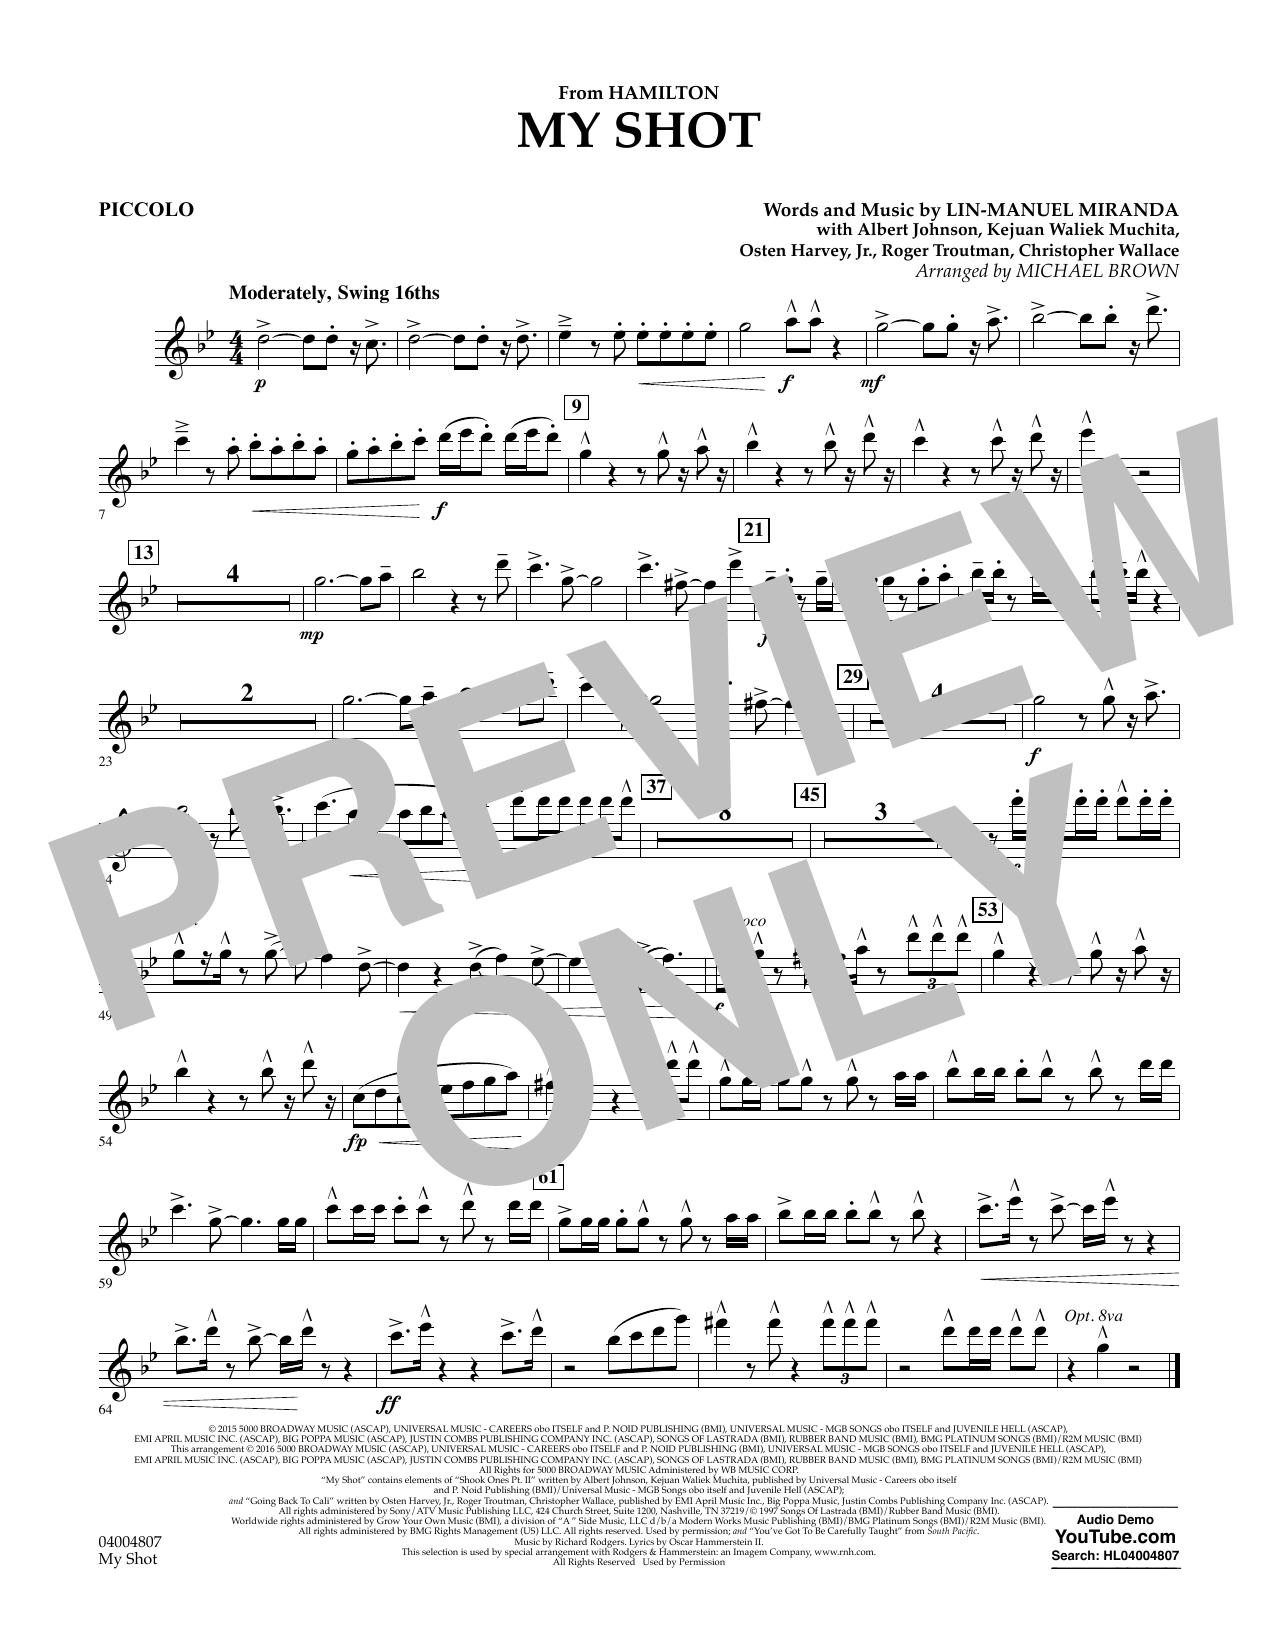 My Shot (from Hamilton) - Piccolo Sheet Music